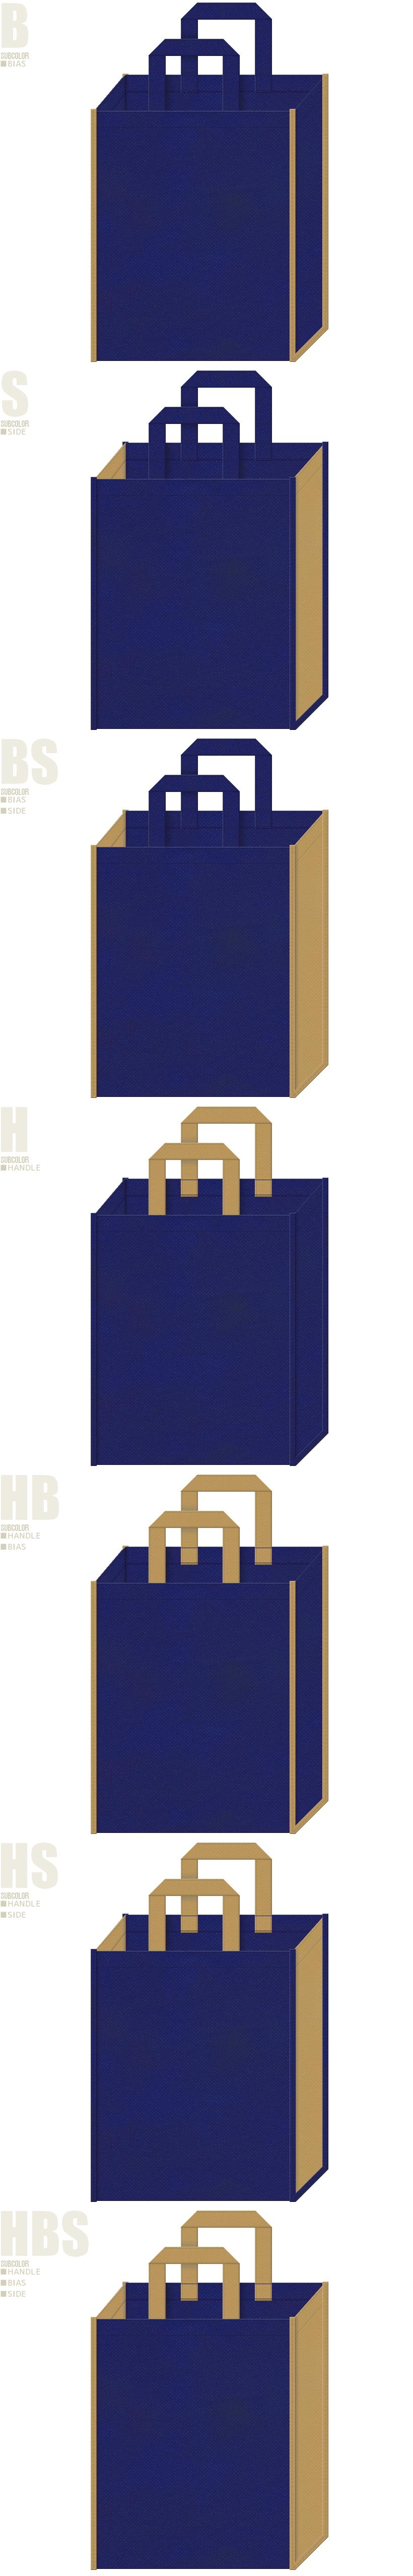 明るい紺色と金黄土色の不織布トバッグデザイン:配色7パターン